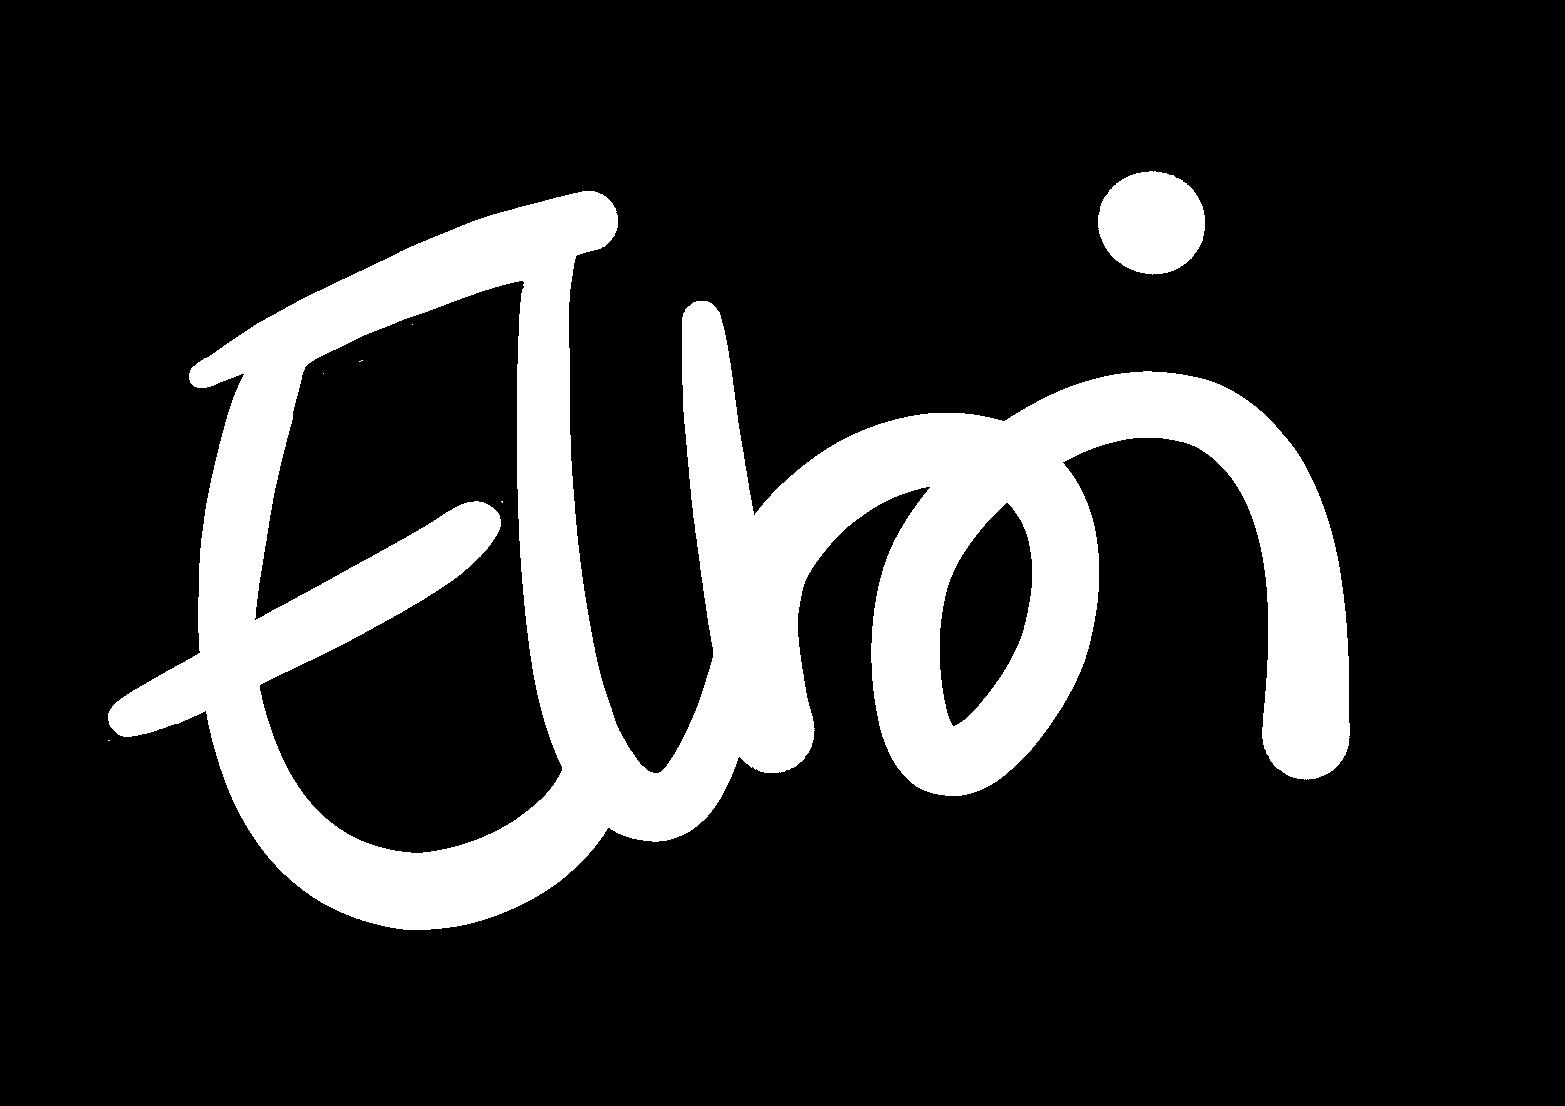 Elbi Artstore